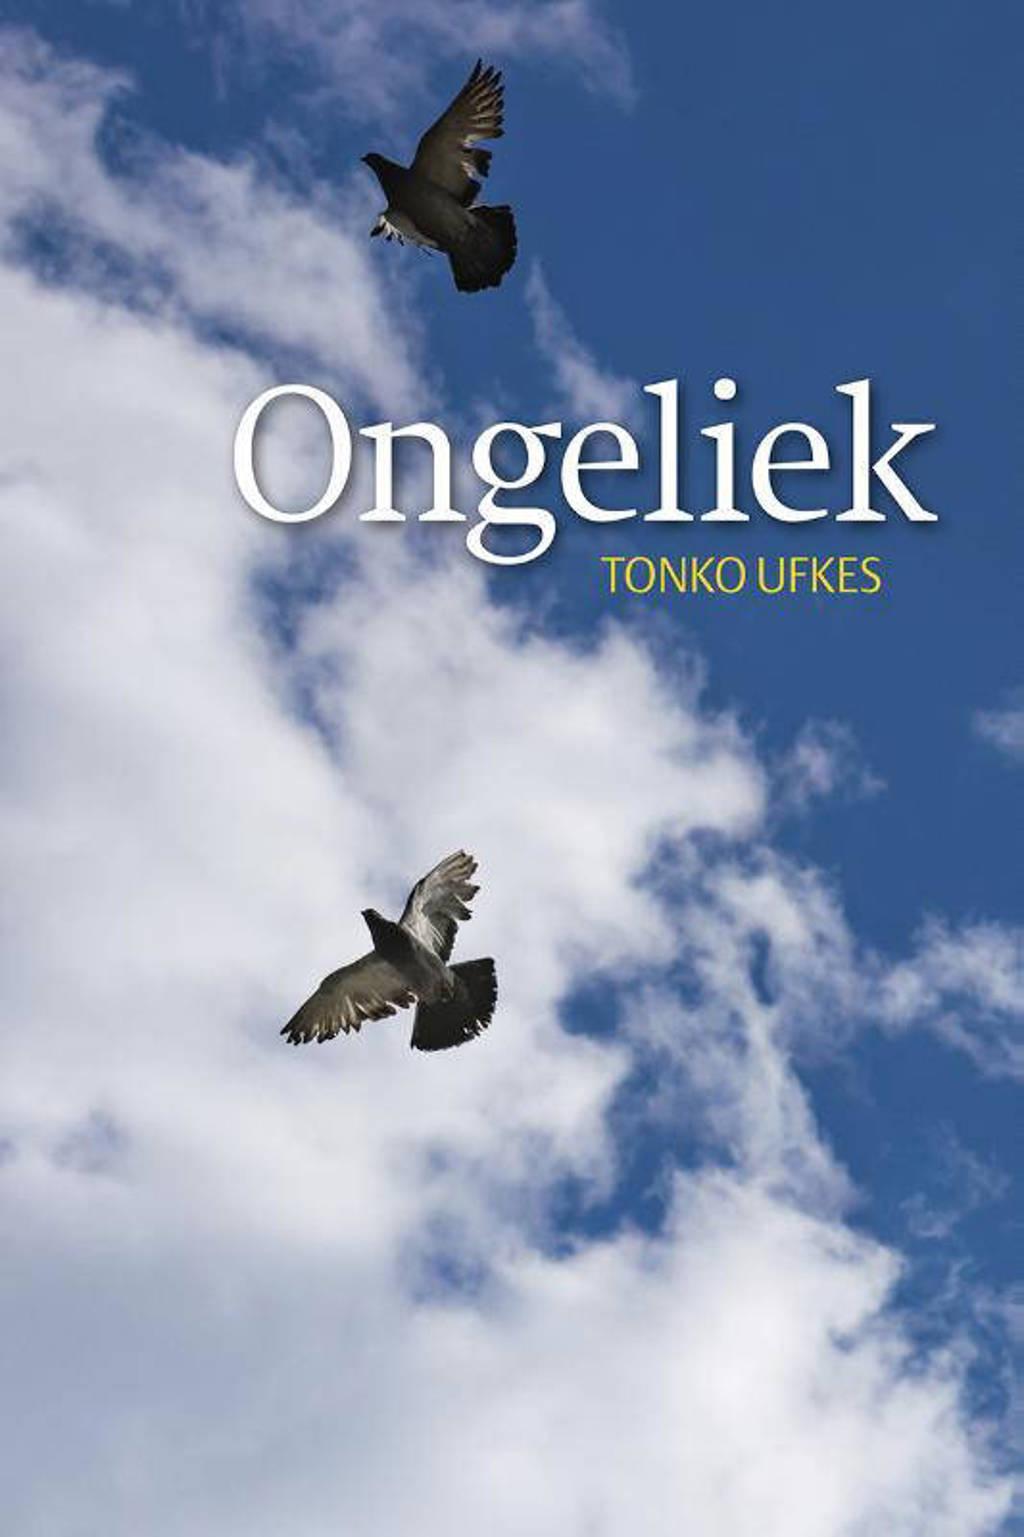 Ongeliek - Tonko Ufkes